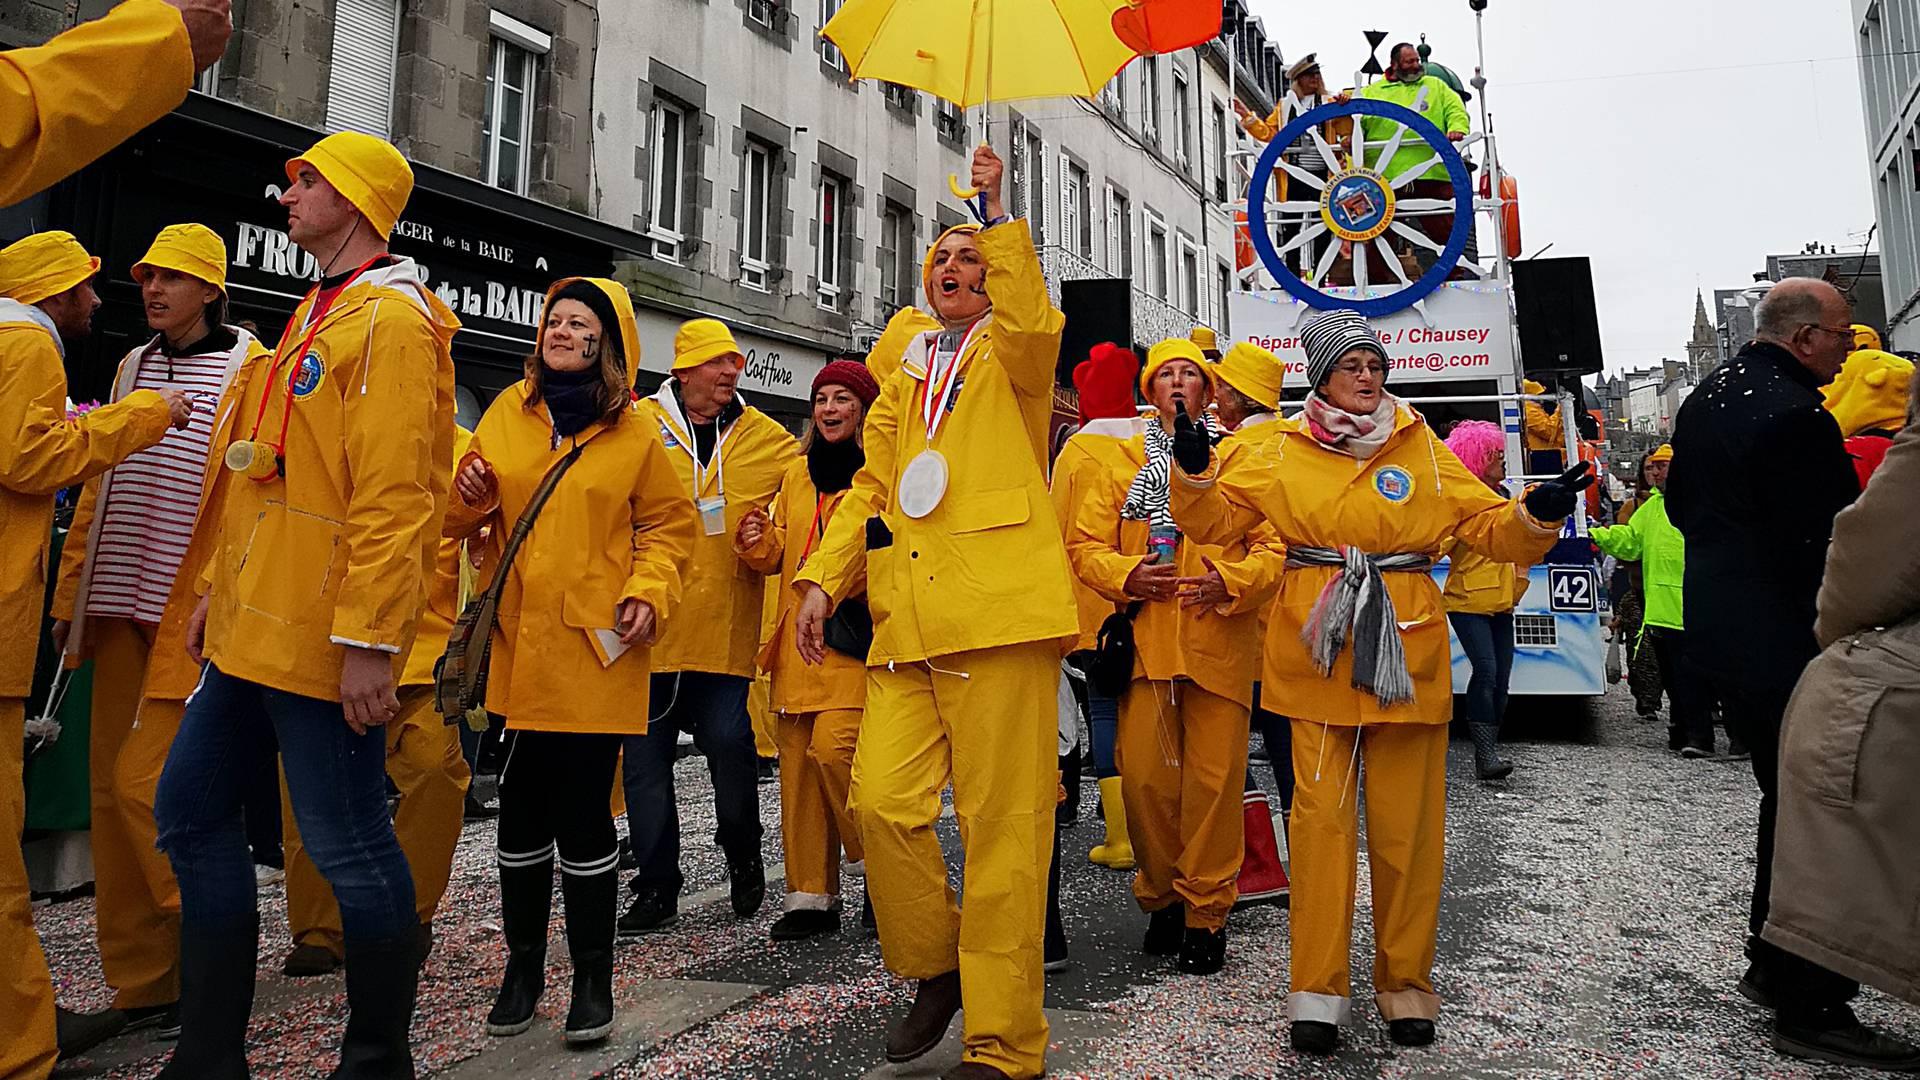 carnaval granville france